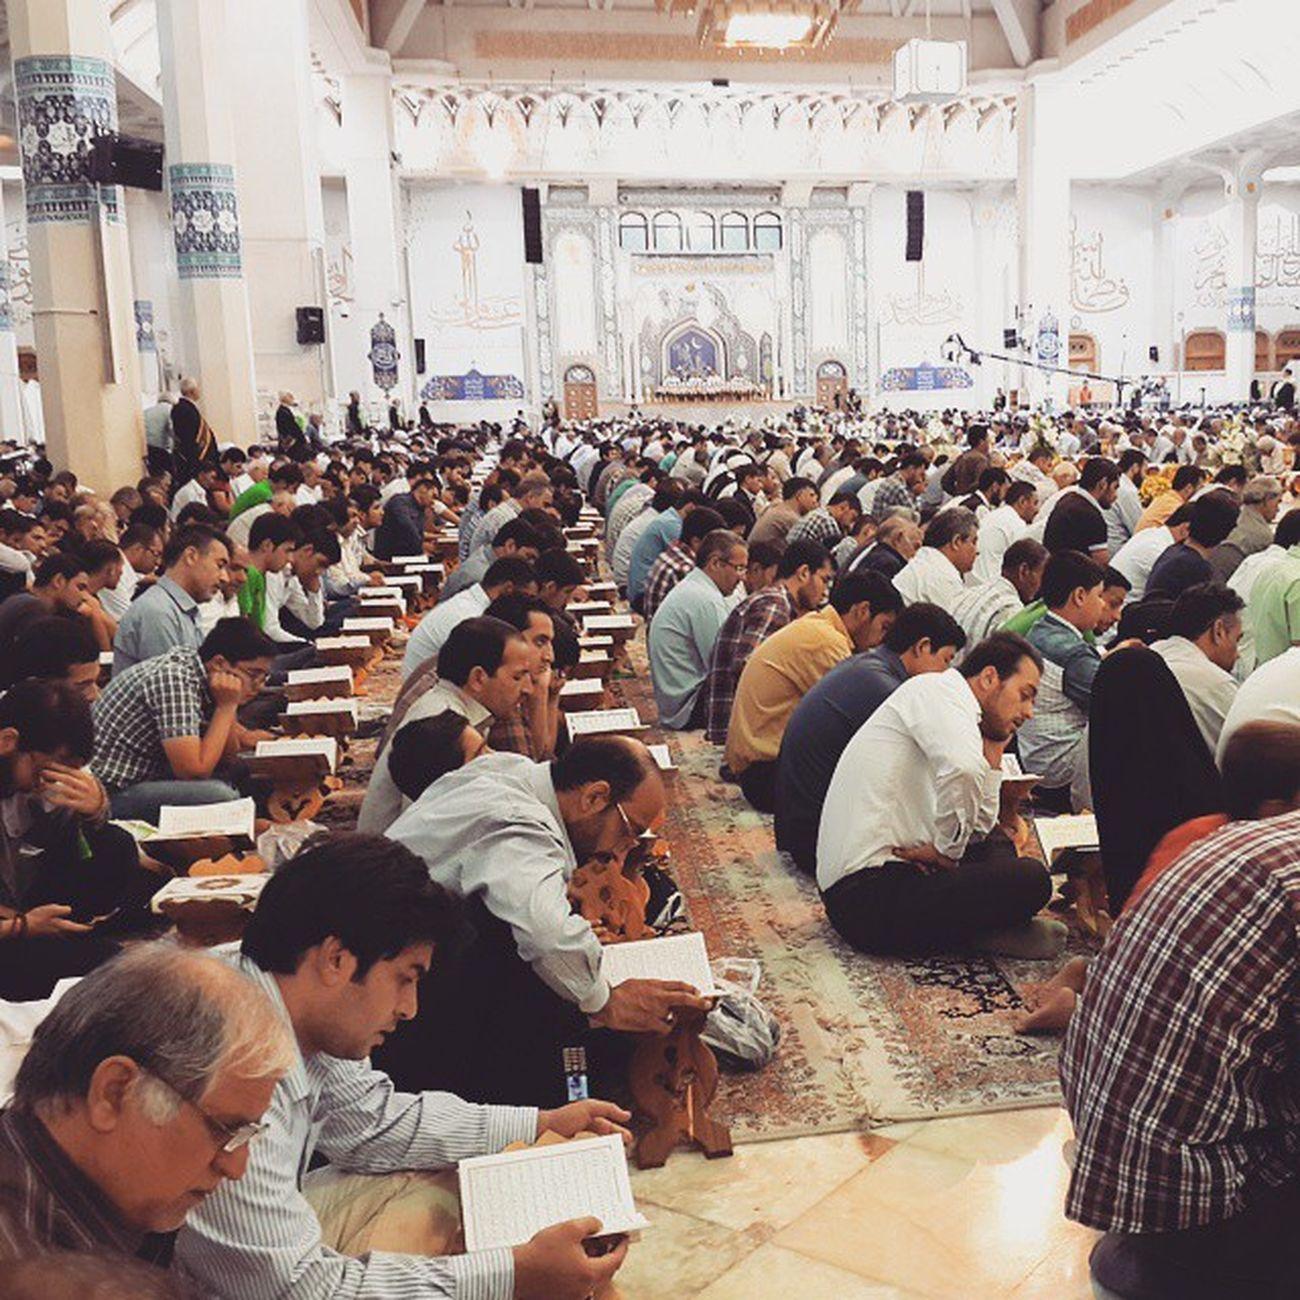 . جزء خوانی قرآن_کریم در ماه رمضان حرم حضرت_معصومه سلام_الله_علیها قم . . هر کی قرآن میخونه تو این ماه حتما یه وقت کوچیک هم بزاره برای خونده ترجمه قرآن، اگه وقت بزاره برای خوندن تفسیر که فوق العاده میشه به_جون_بچه_هام التماس_دعا